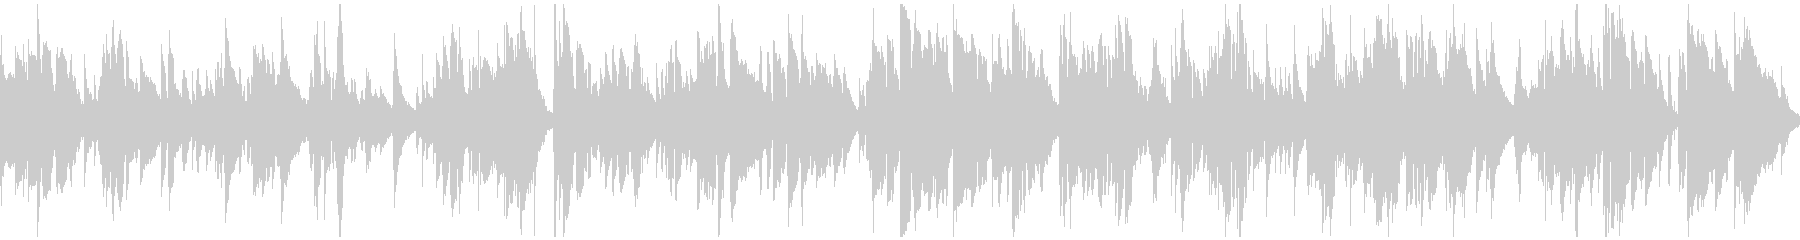 まったり雰囲気のジャズバラード※ループ版の未再生の波形